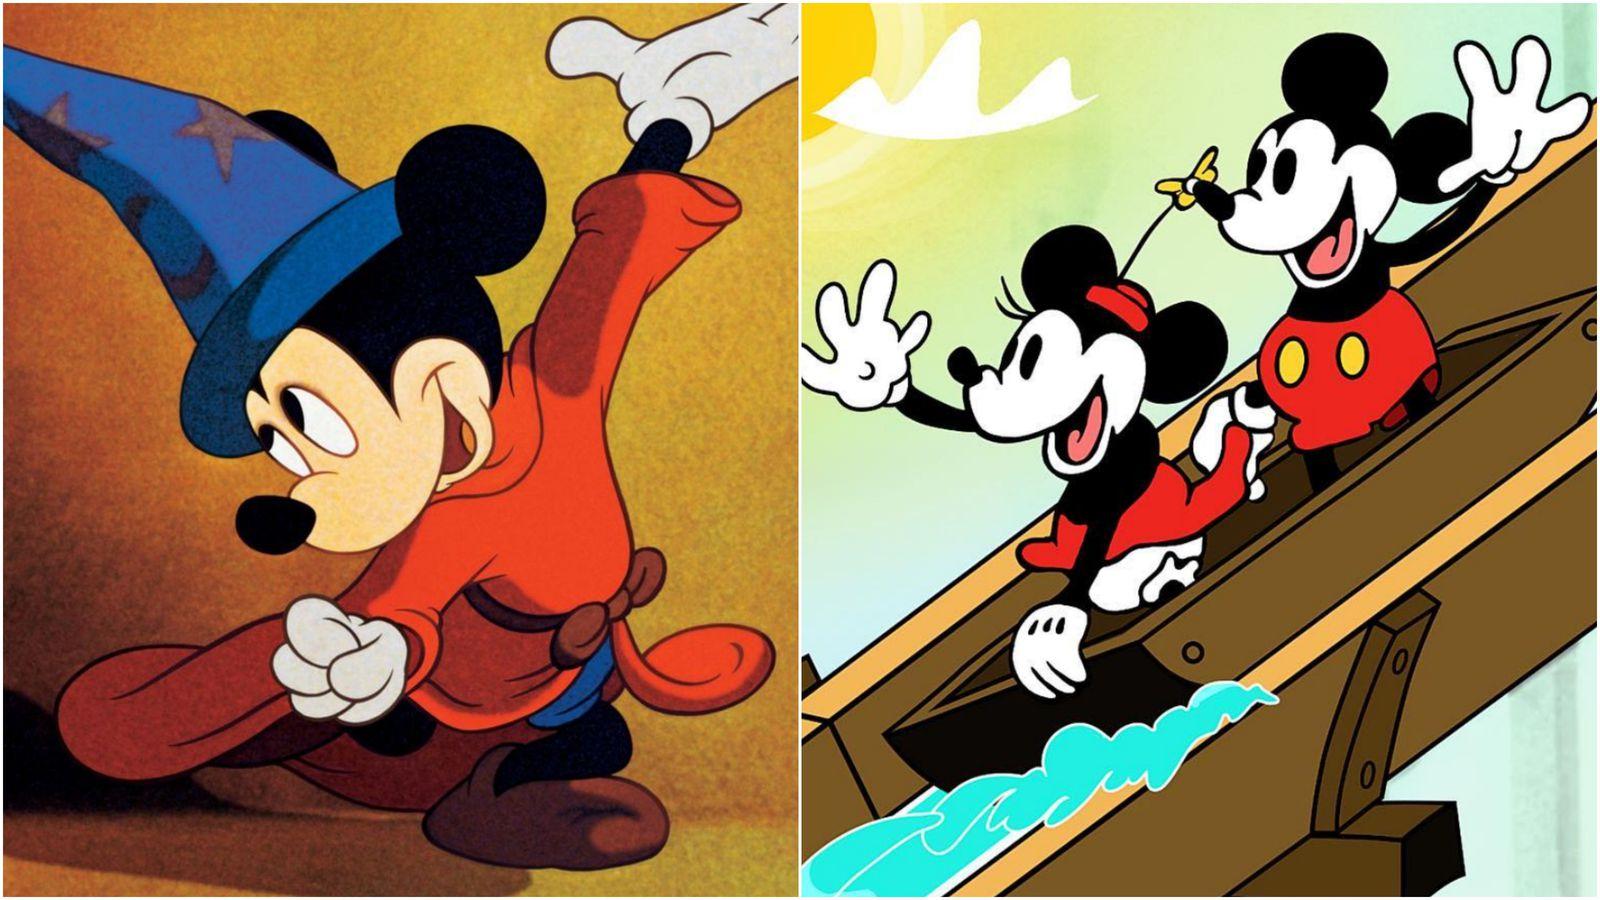 img 5bd8e2255a26c.png - 【米奇90週年】關於迪士尼米老鼠的10個秘密:他原本是隻兔子,跟米妮竟然是「這個」關係!